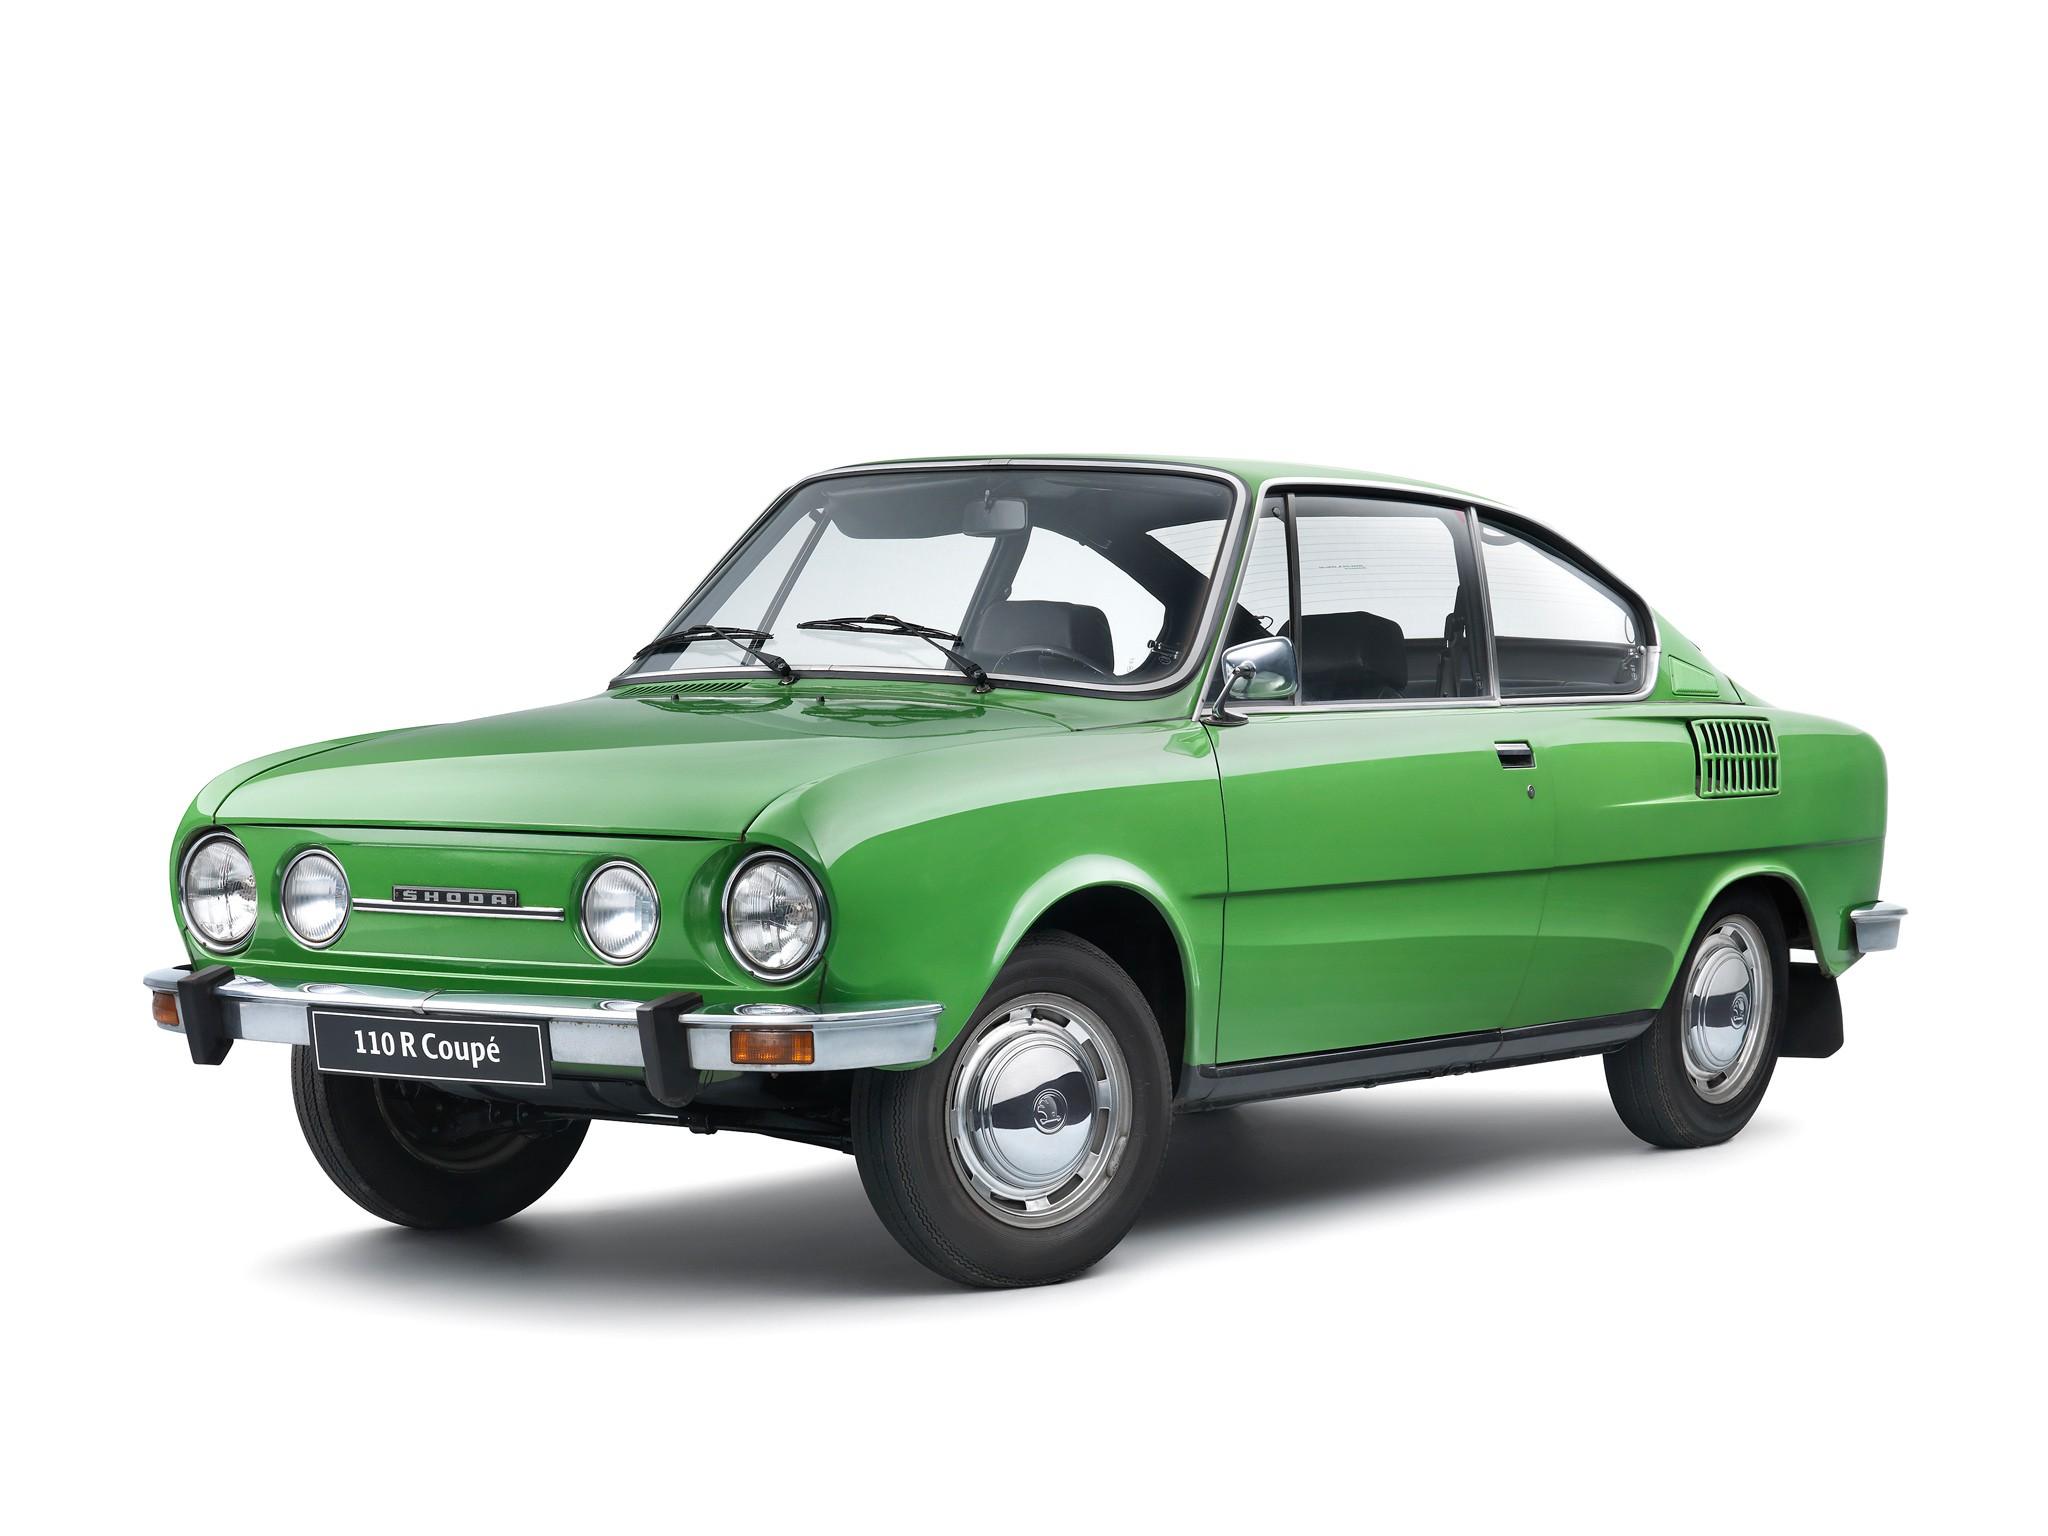 Skoda 110r Specs 1970 1971 1972 1973 1974 1975